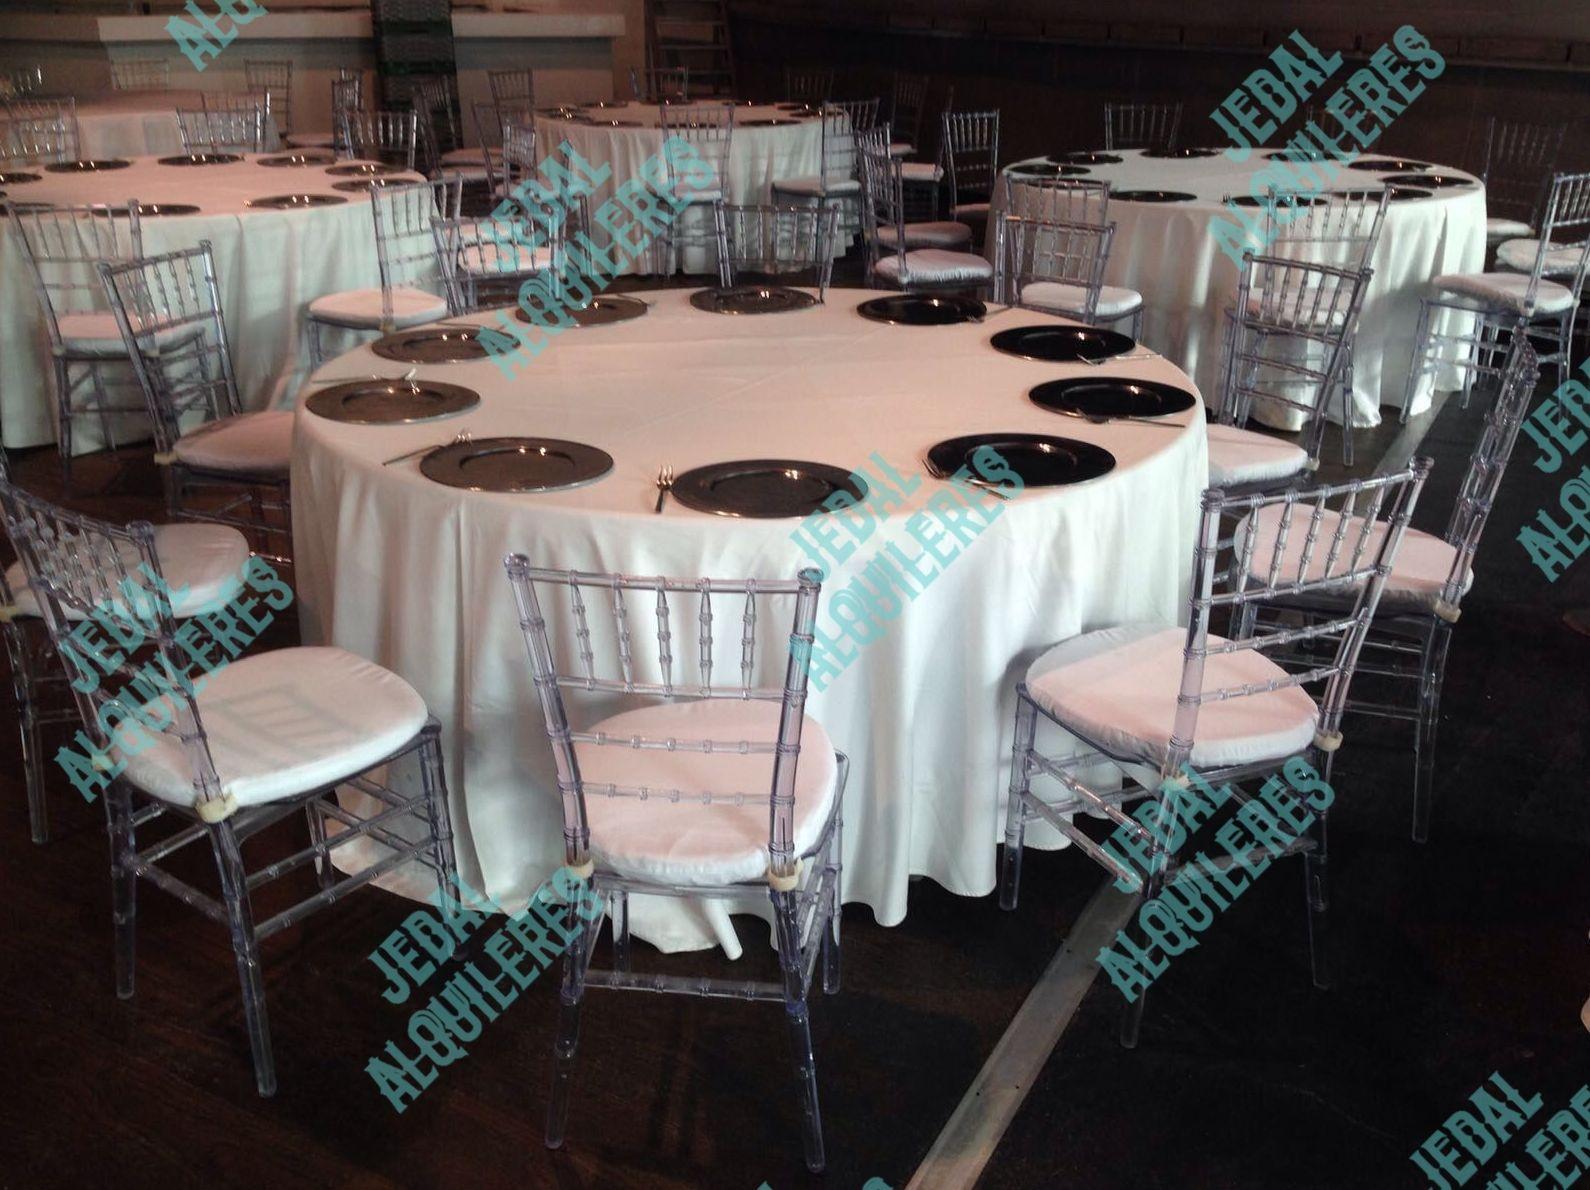 Sillas y mesas para fiestas en Jerez de la Frontera